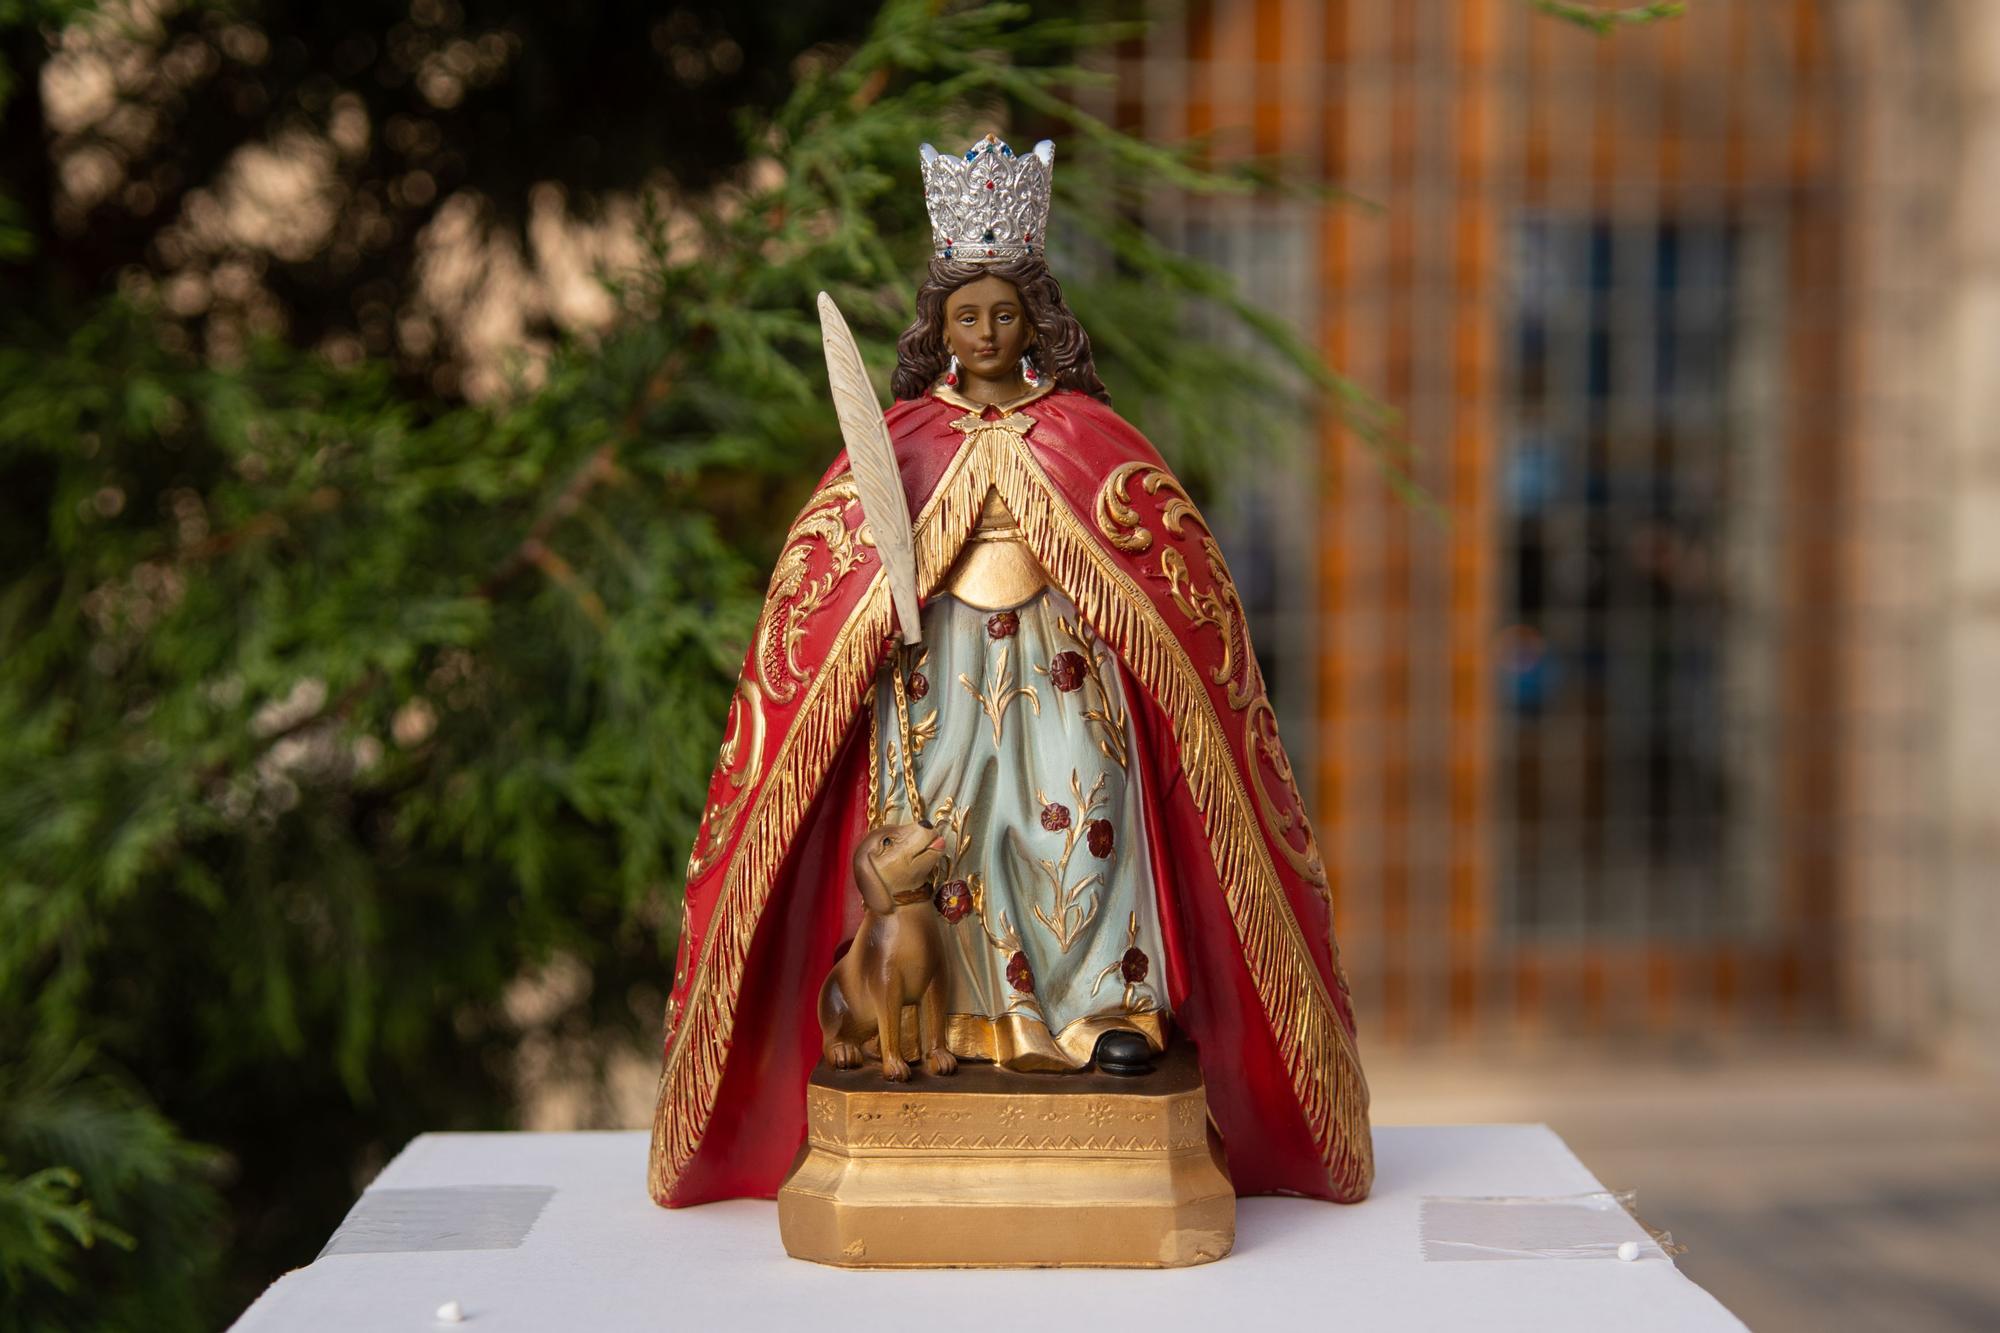 Así ha vestido Almassora el tapiz de flores en honor a Santa Quitèria